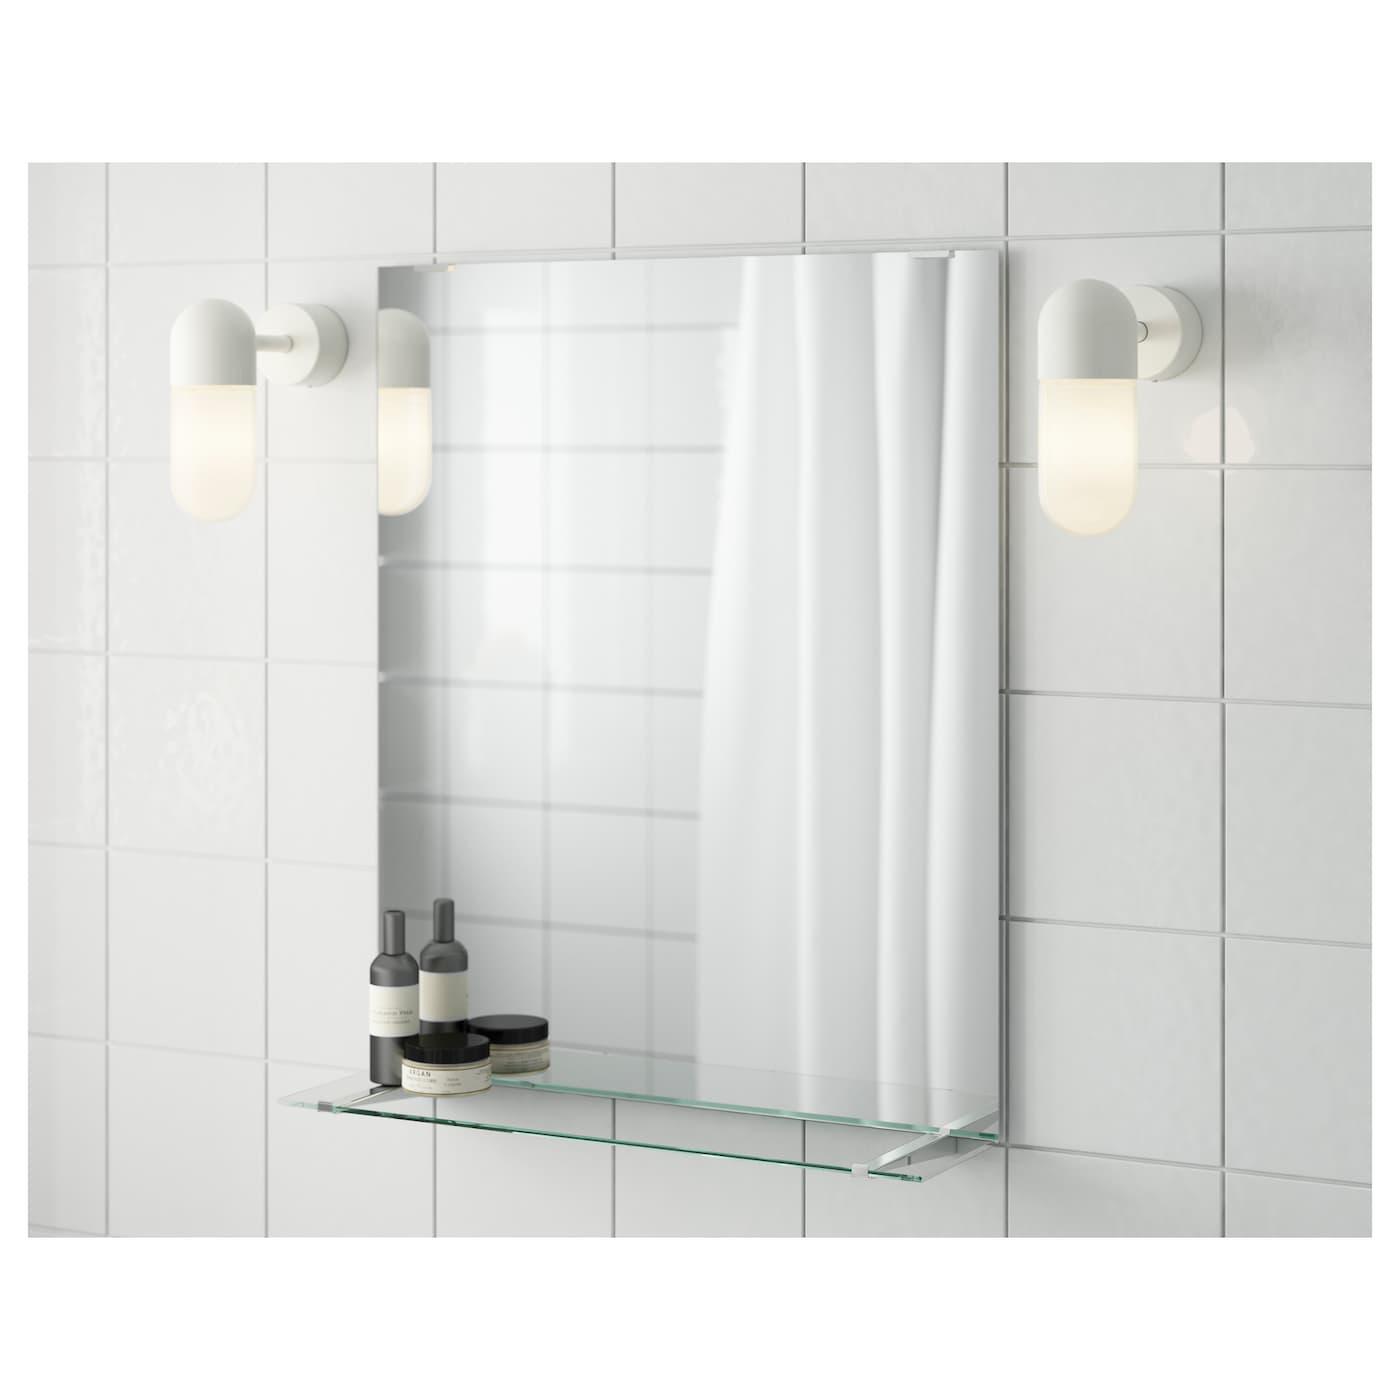 Picture of: Fullen Spejl Med Hylde 50×60 Cm Ikea